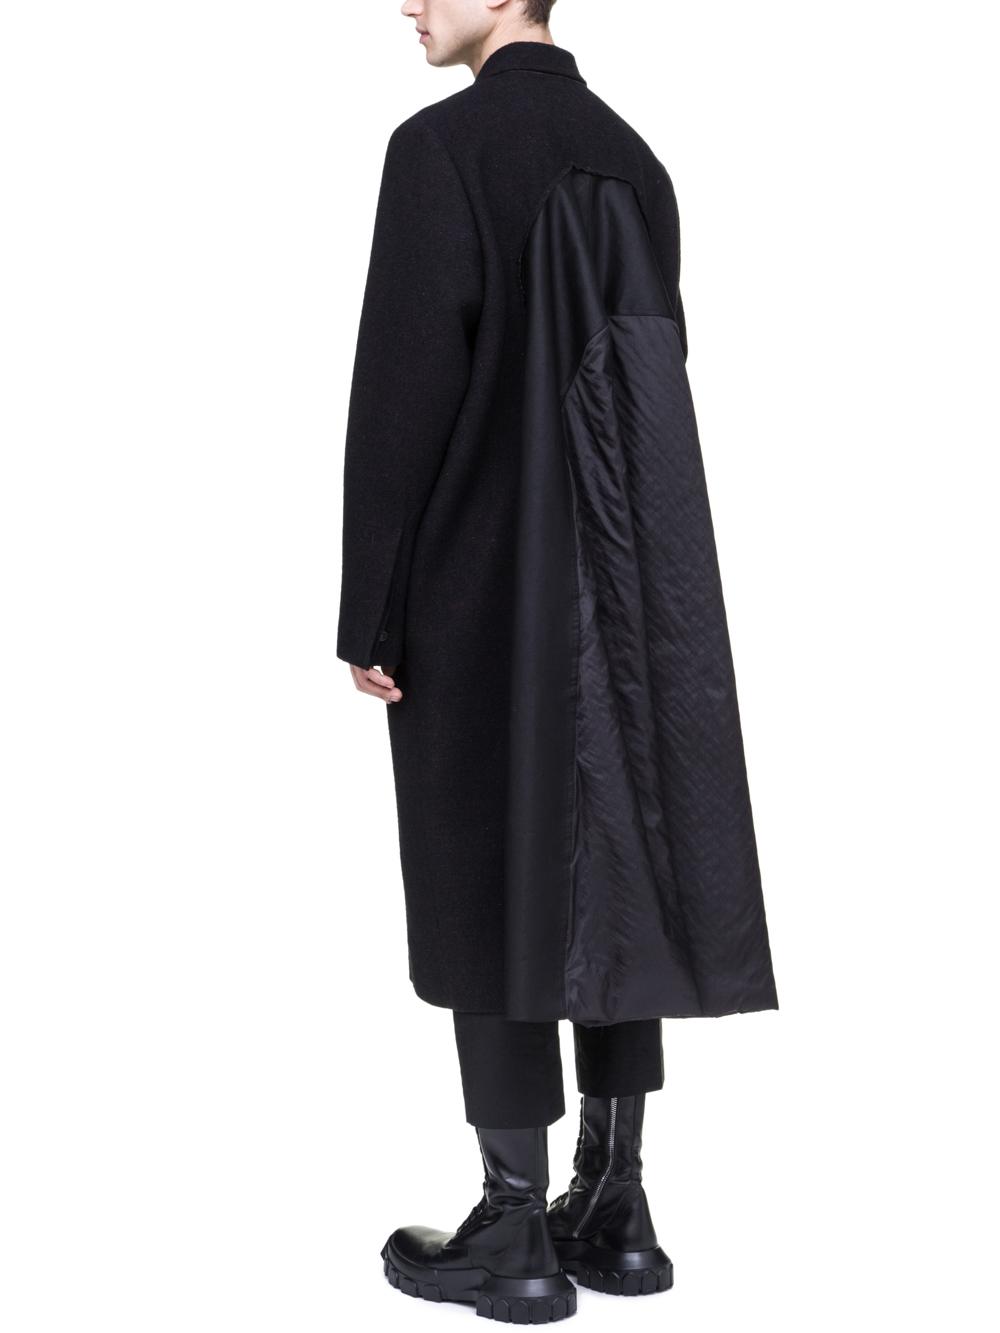 RICK OWENS OFF-THE-RUNWAY FLAG COAT IN BROWN BLACK